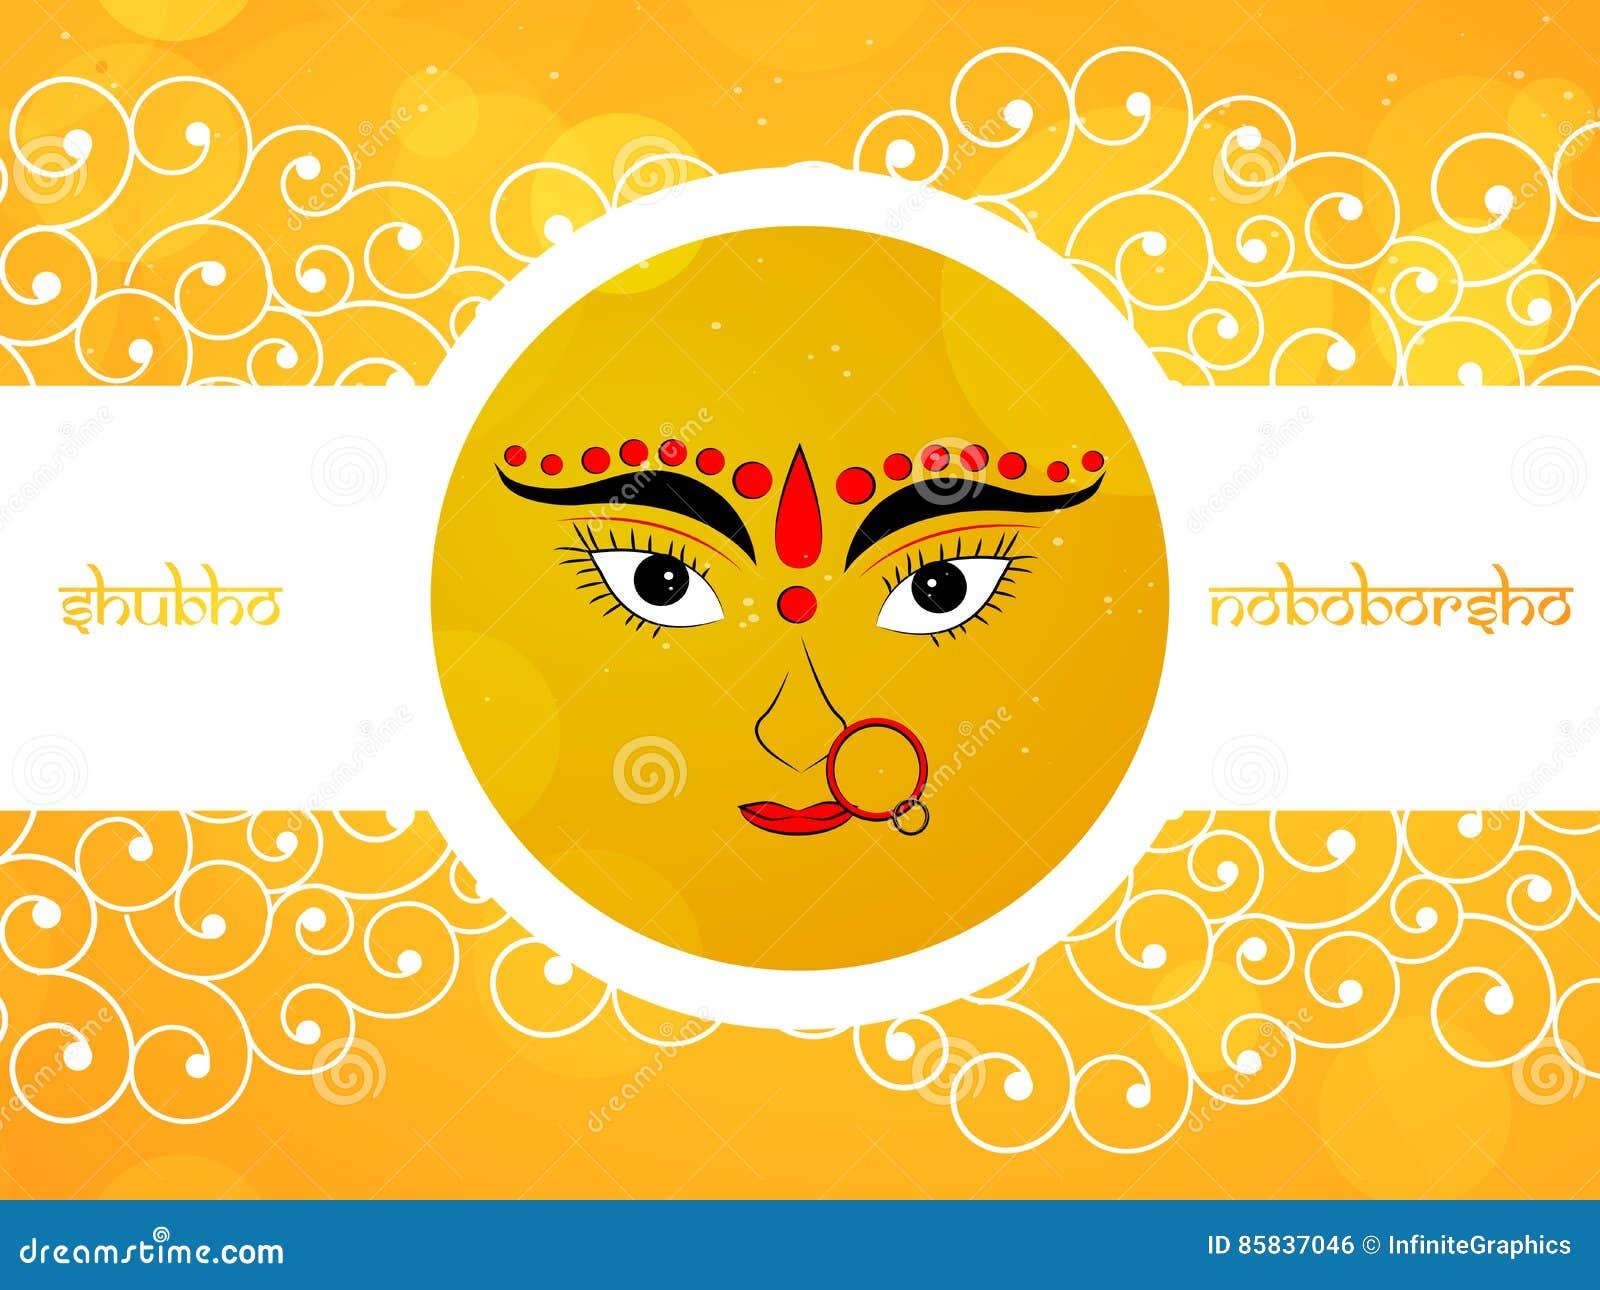 bengali new year background